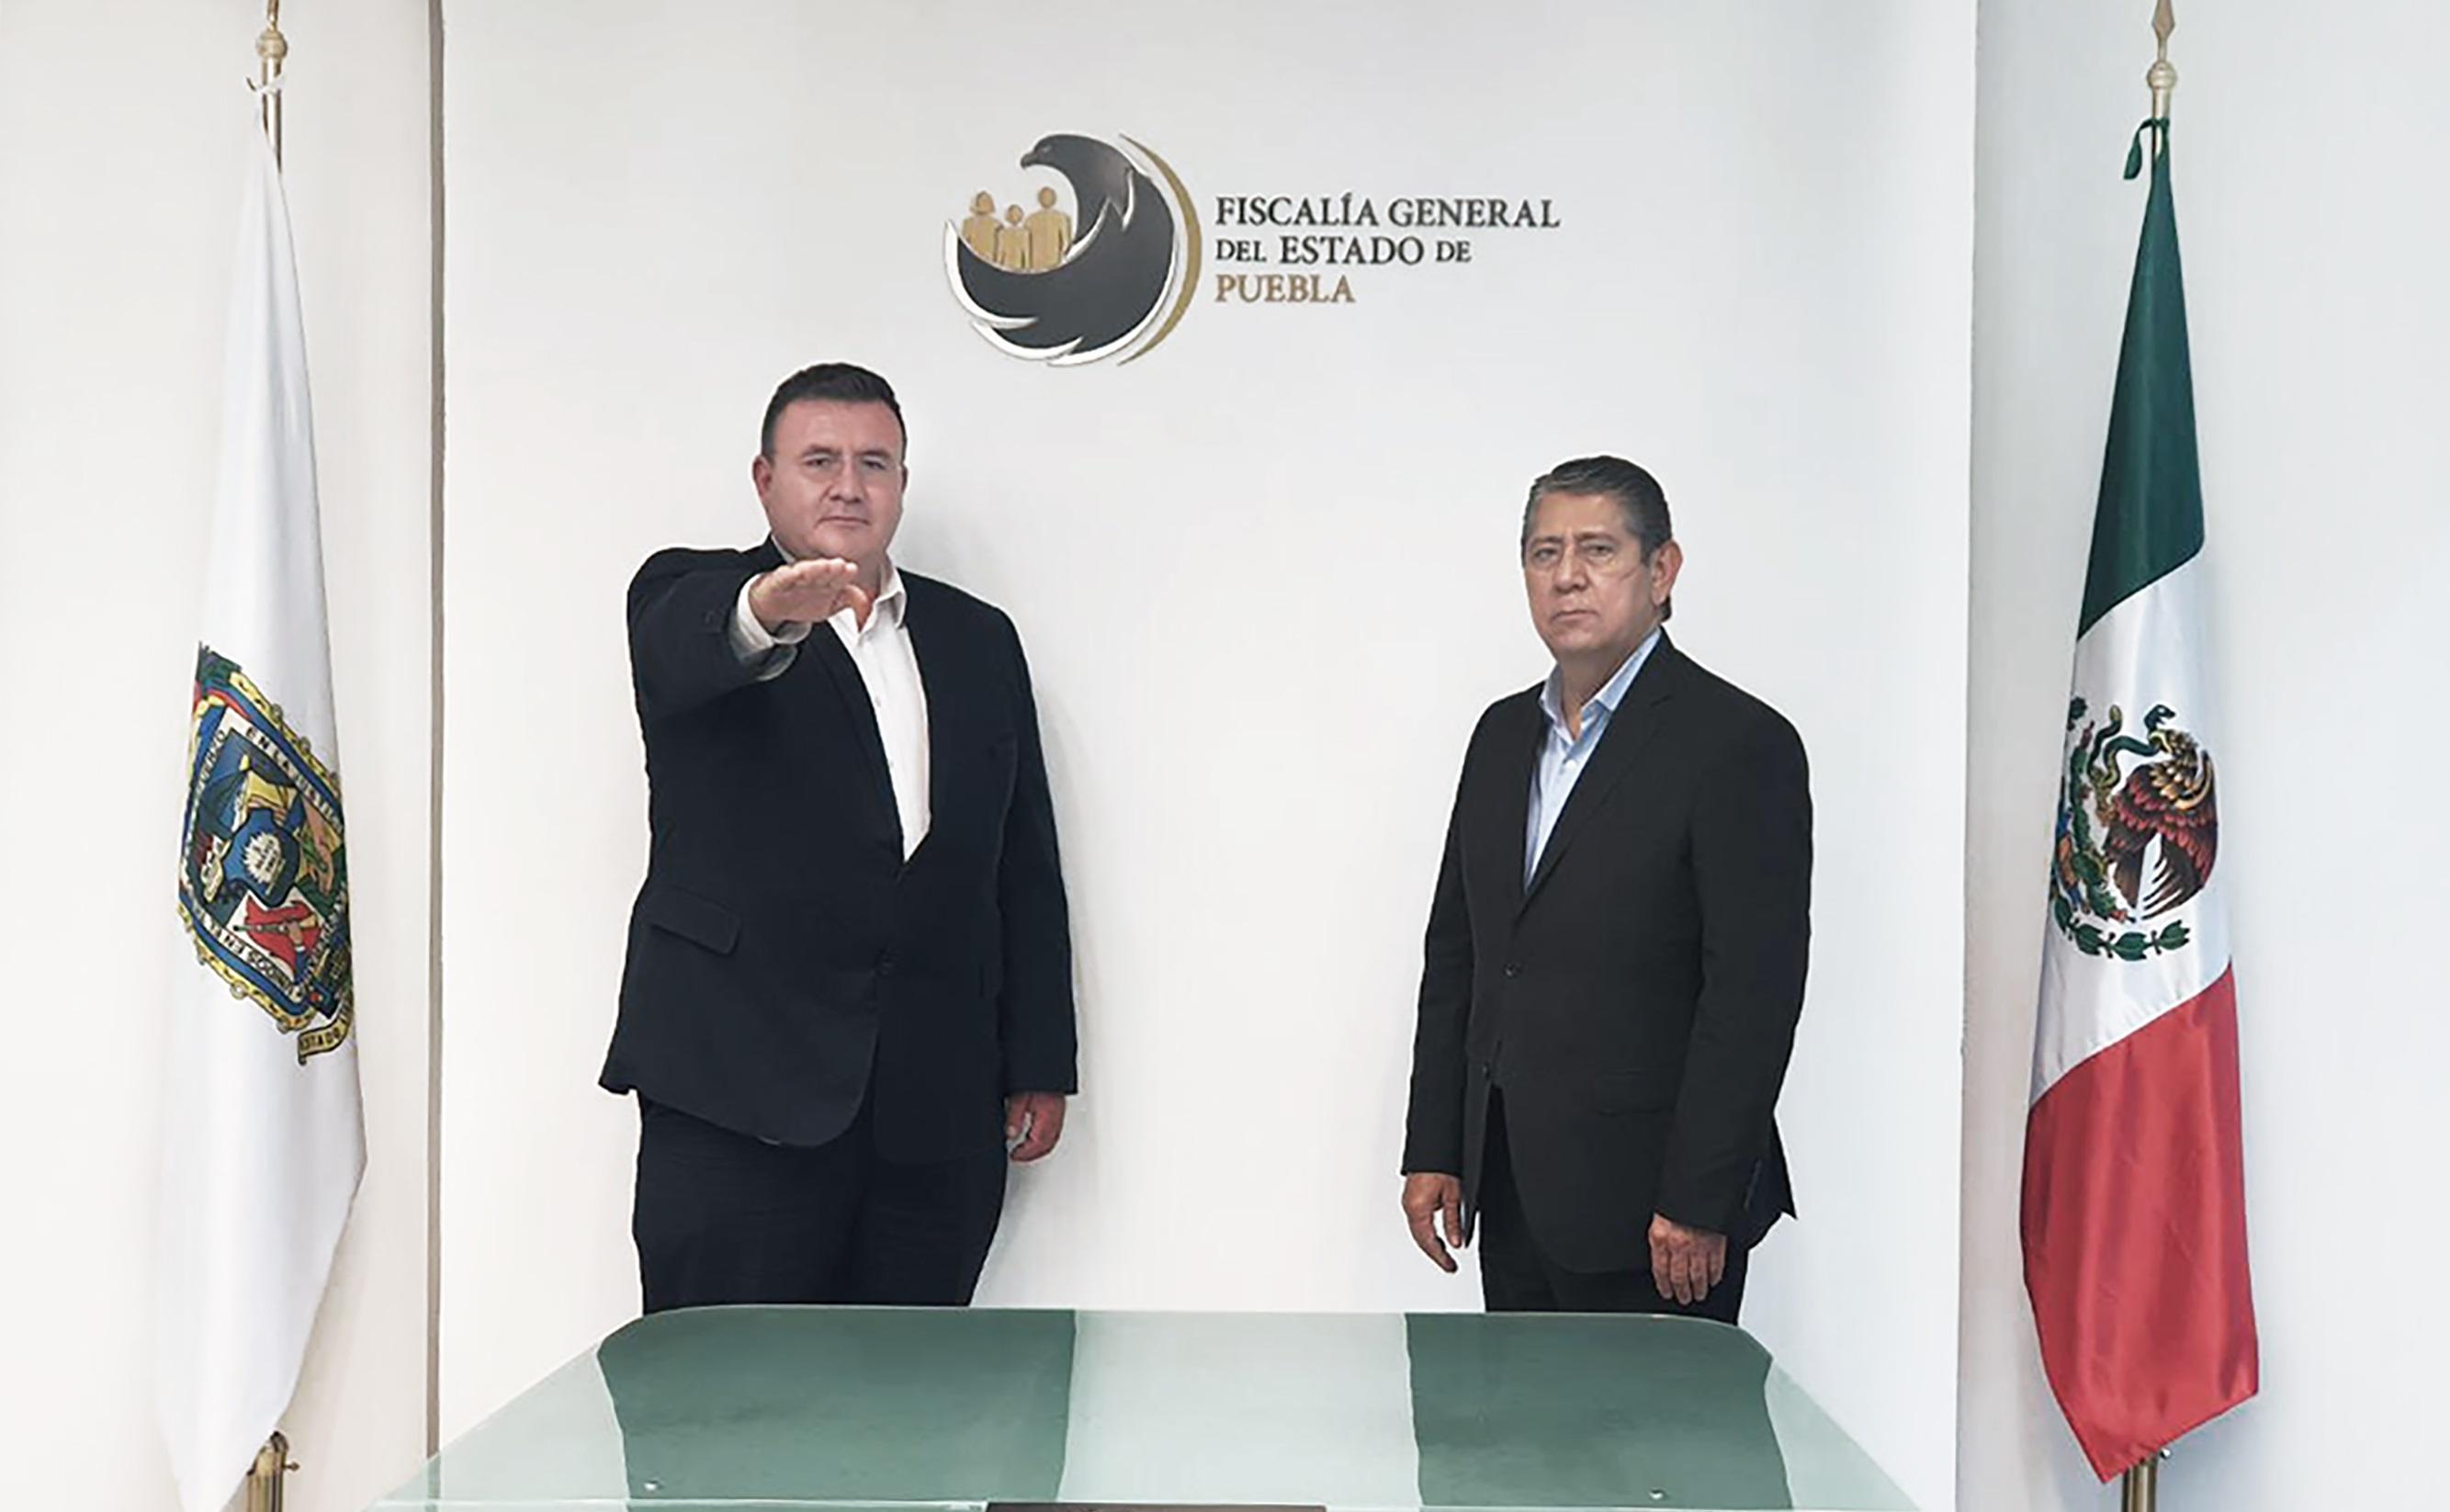 Ellos son los nuevos fiscales especializados en Puebla